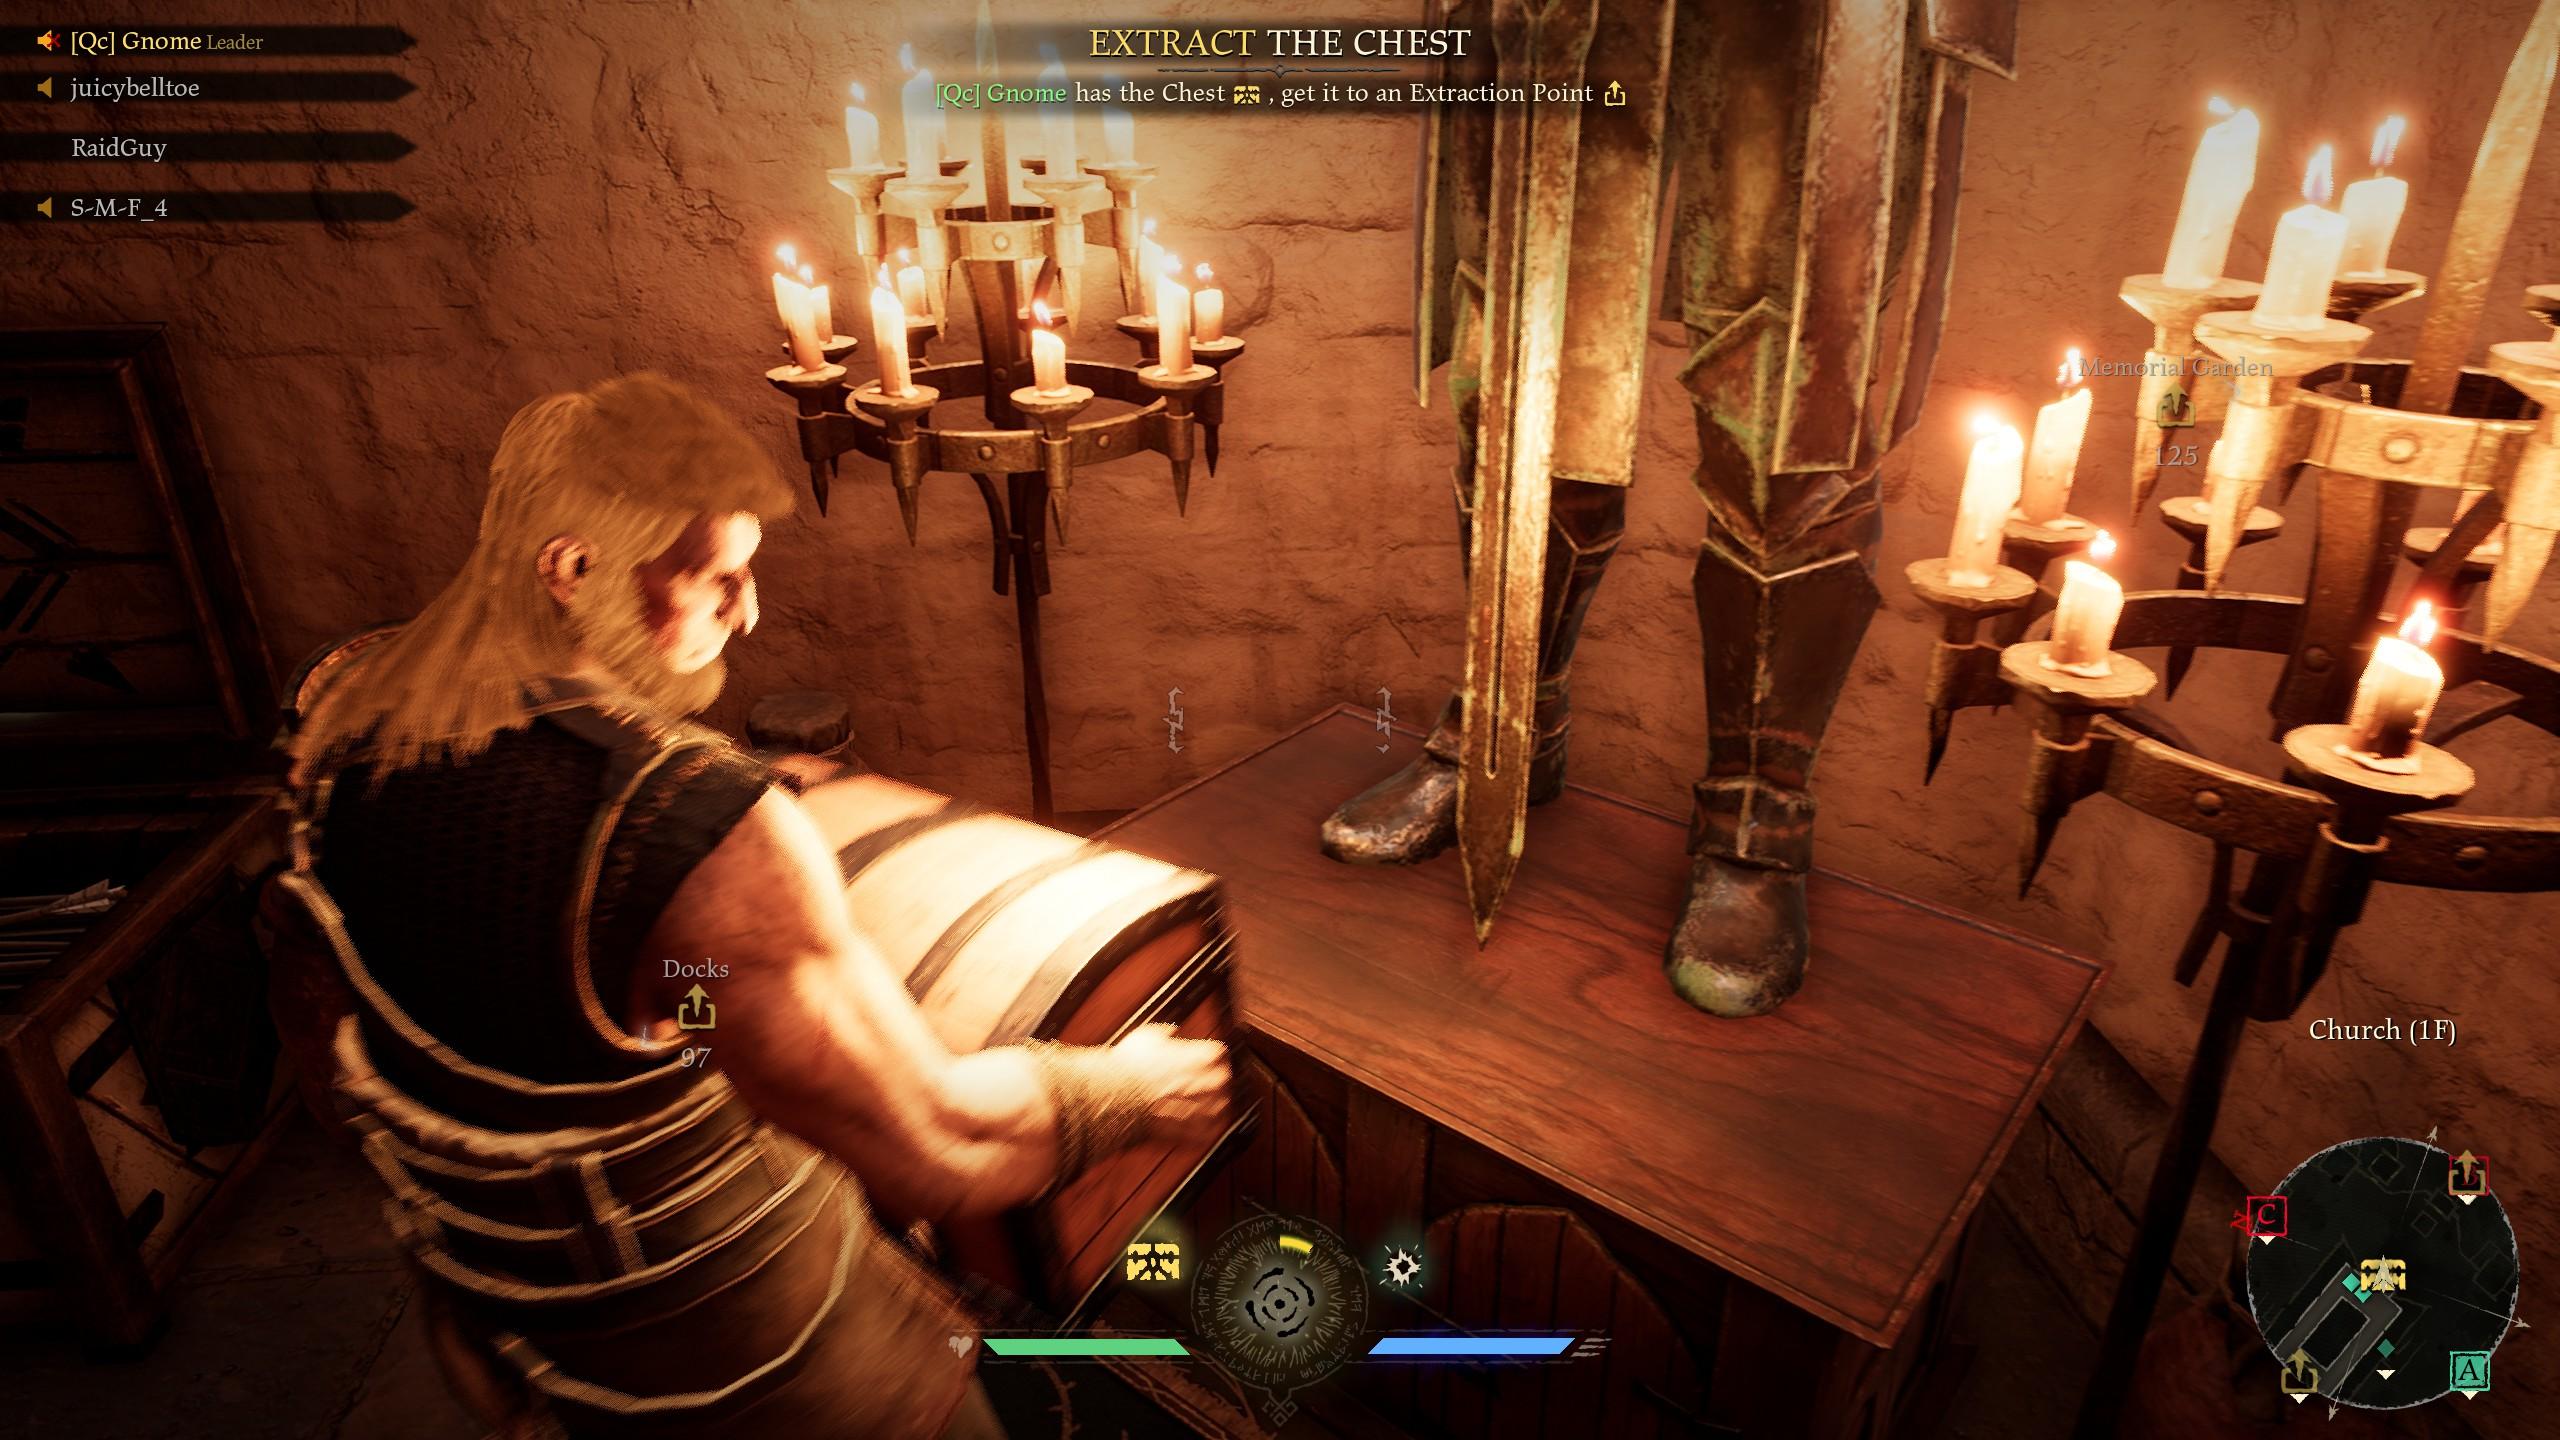 Les habiletés uniques des personnages ne se limitent aux combats. Par exemple, John est plus fort et transporte le butin plus rapidement.